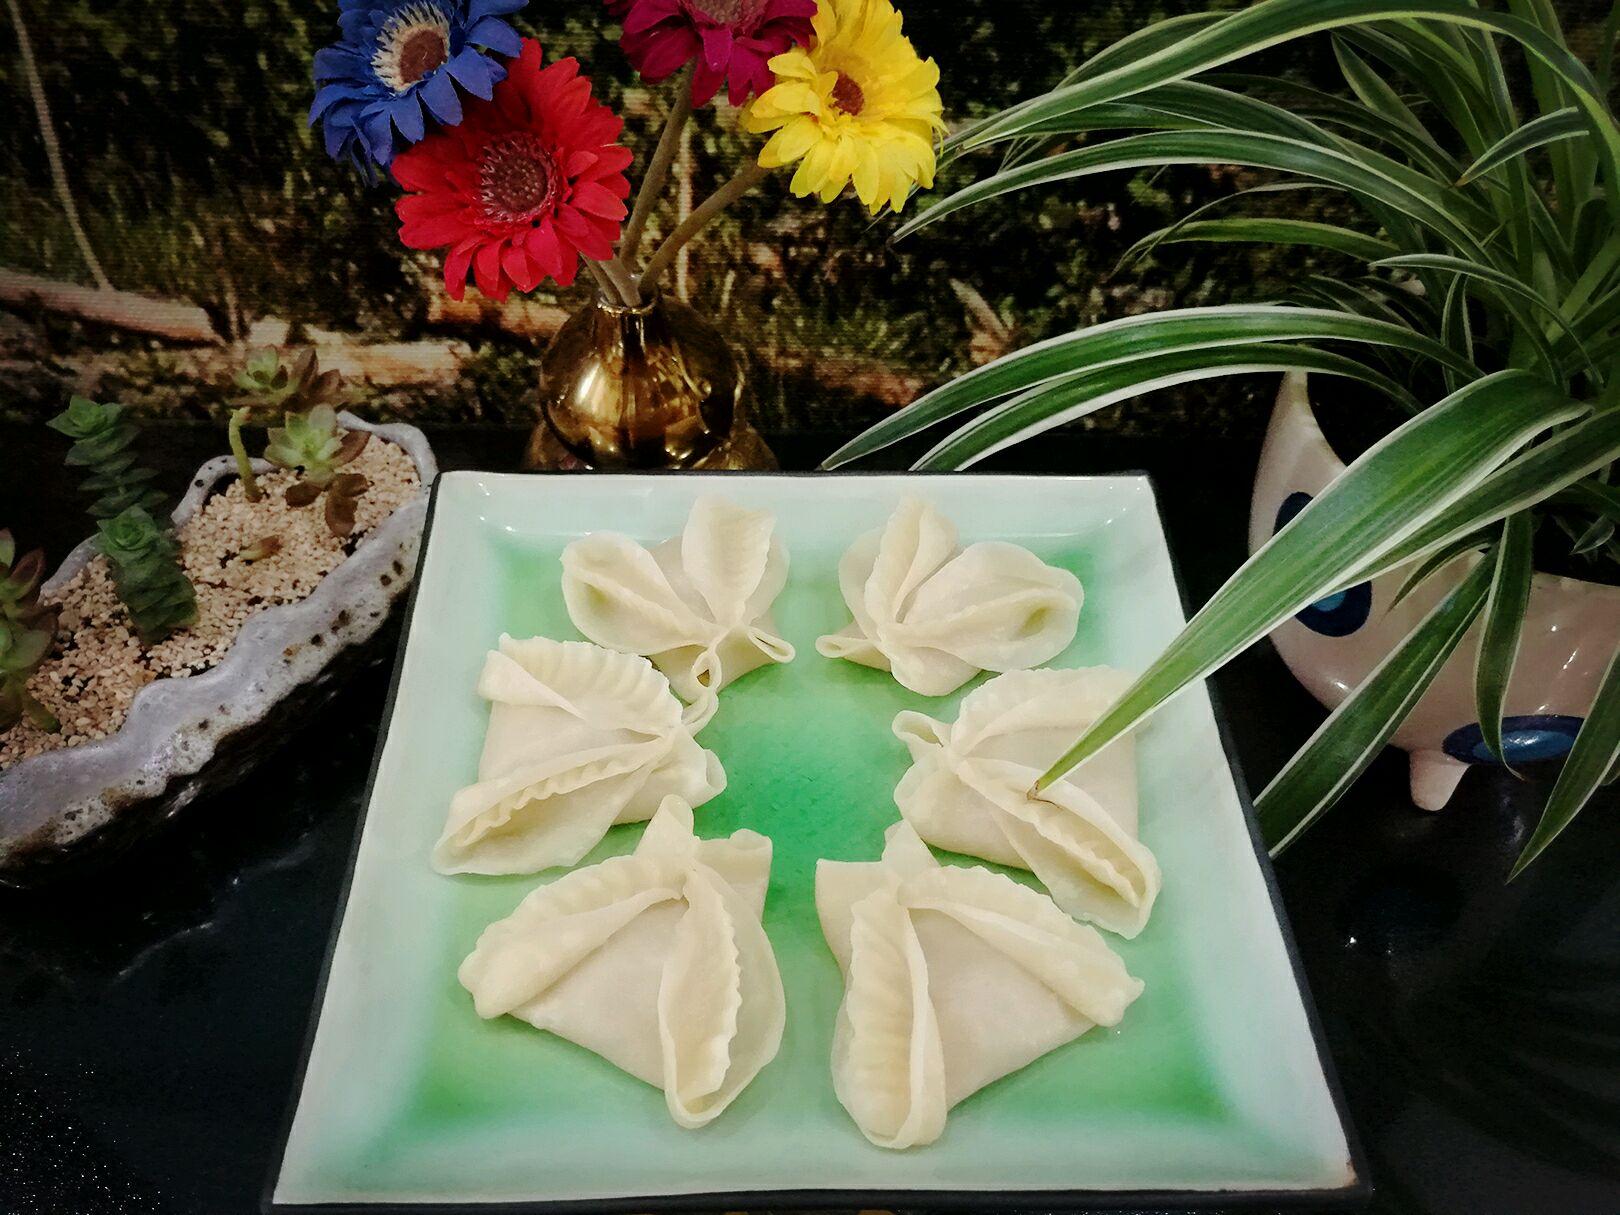 茴香菜是一种蔬菜,多用来做包子饺子馅,和它的种子(小茴香)一样具有一